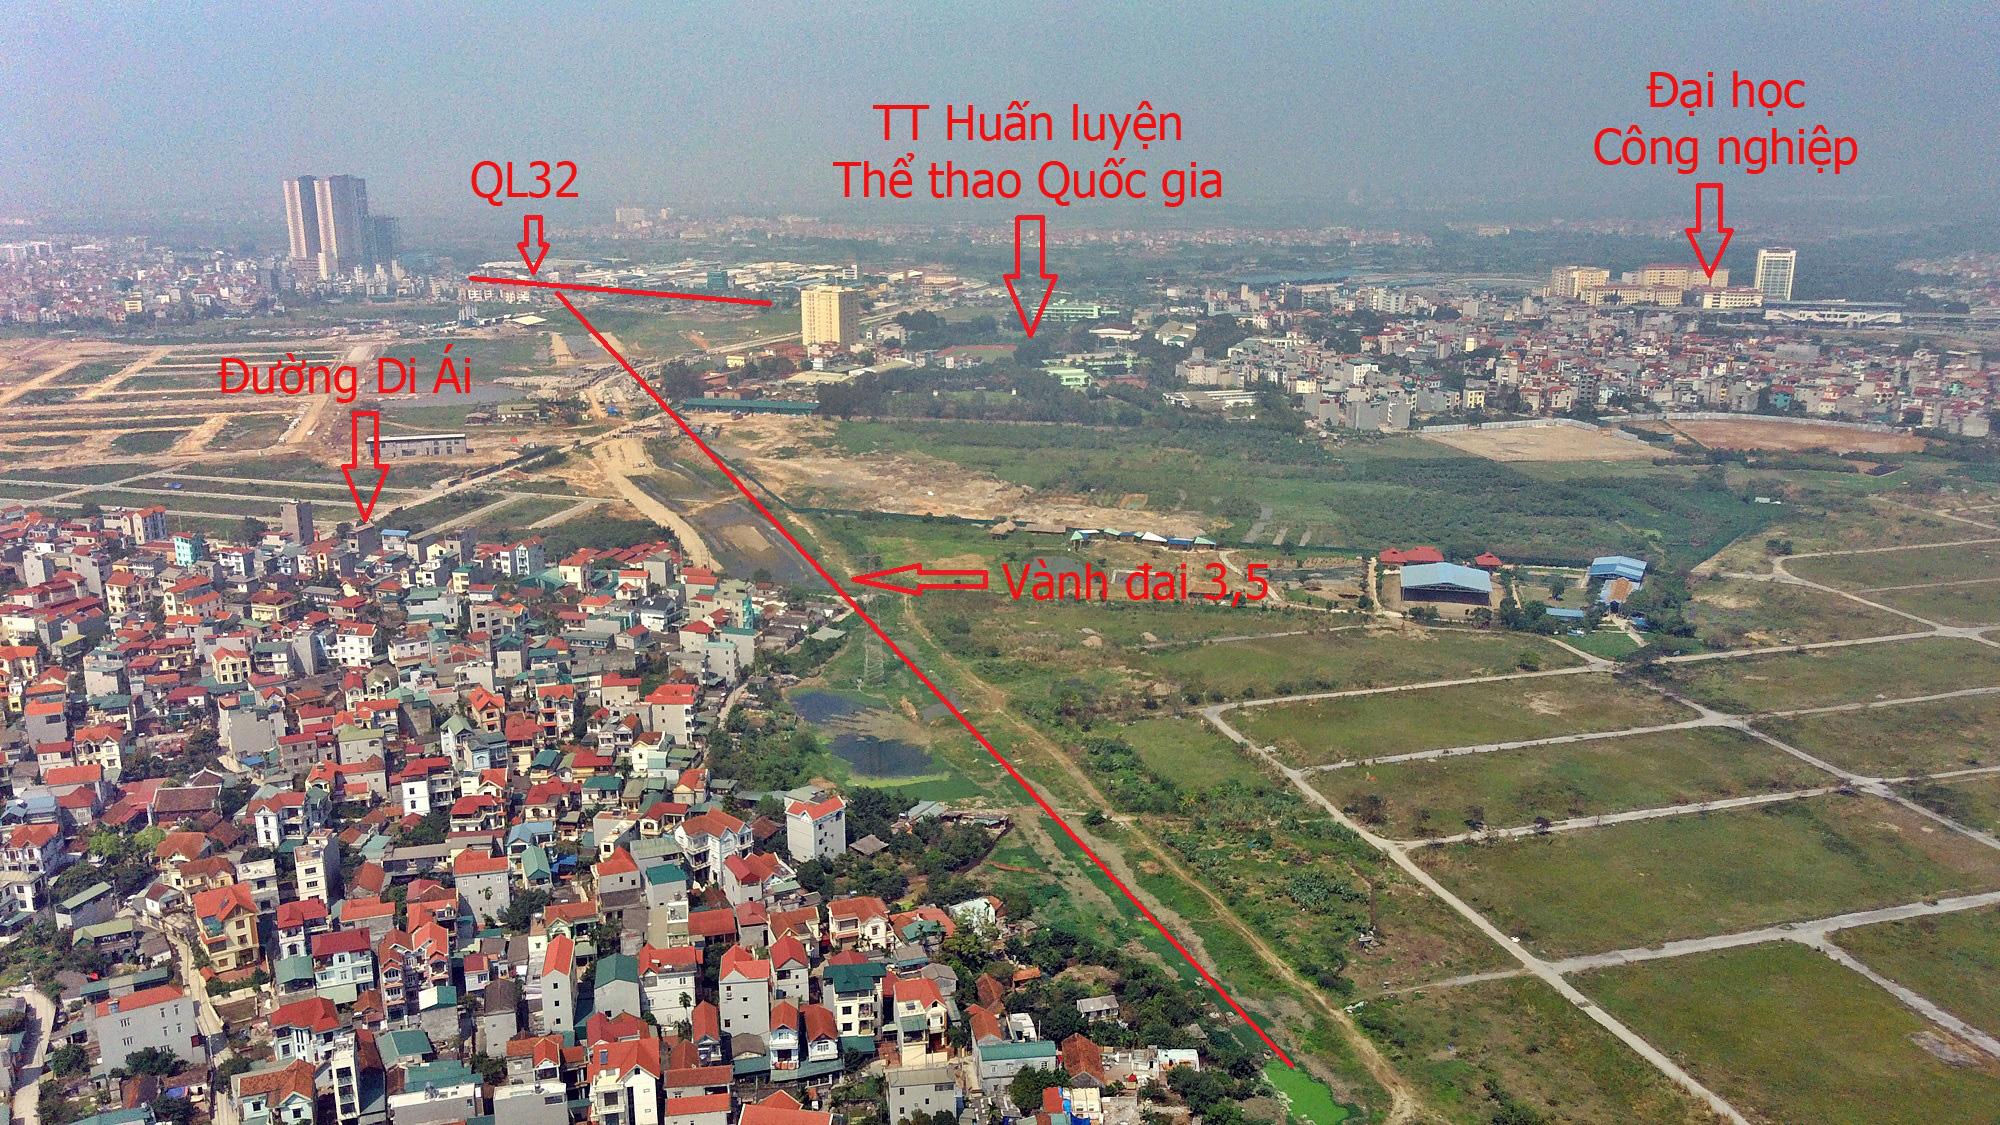 Những dự án hưởng lợi từ Vành đai 3,5 qua huyện Hoài Đức, Hà Nội - Ảnh 16.